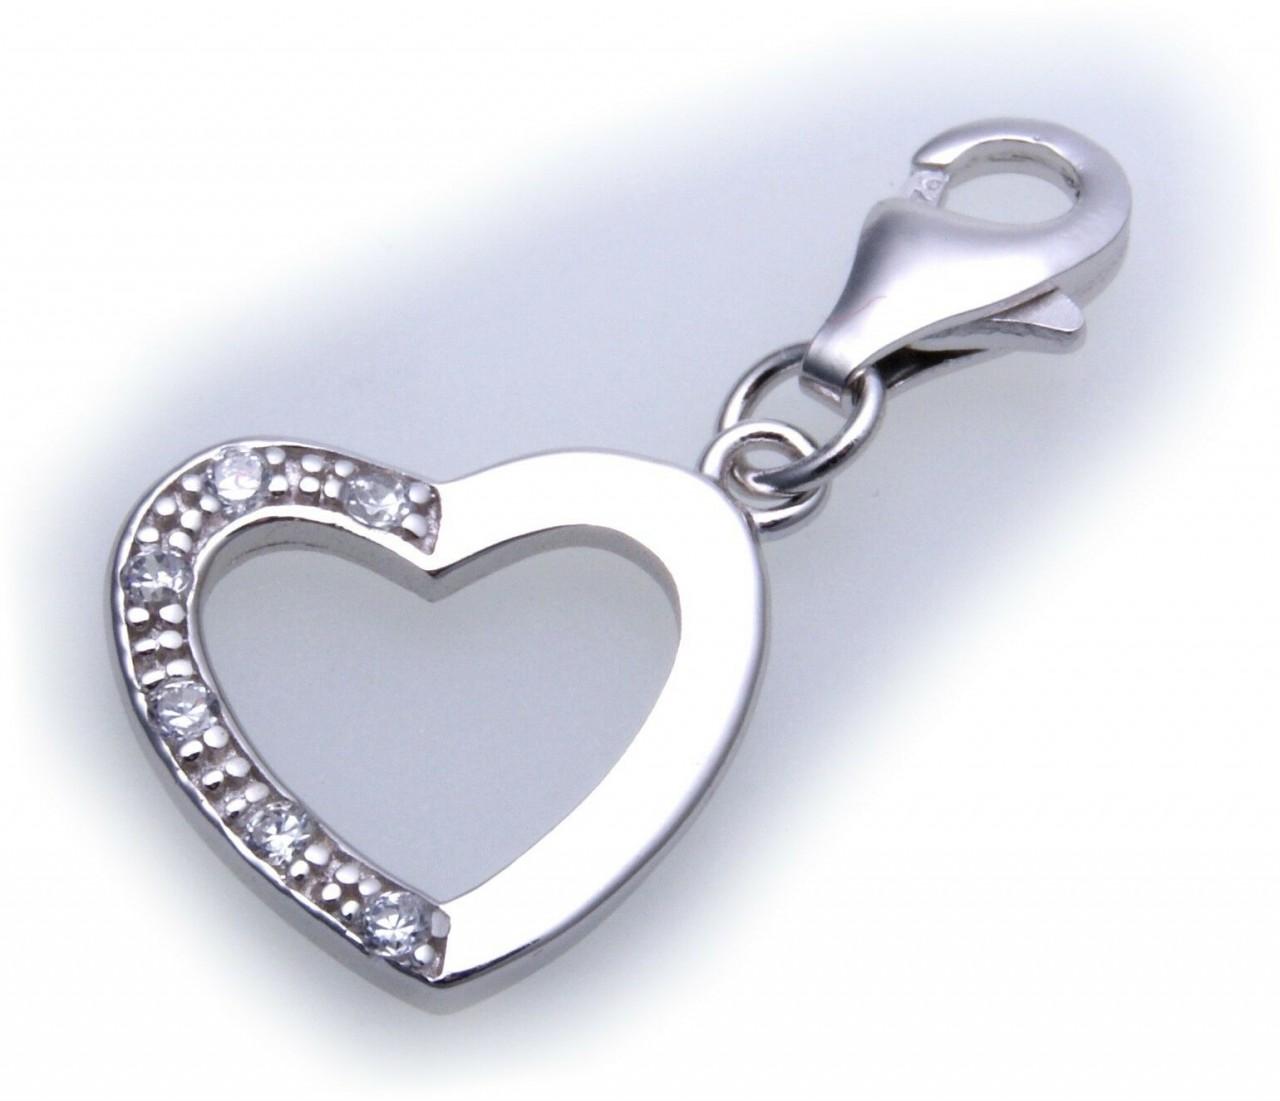 Charm Herz Zirkonia echt Silber 925 Einhänger Charms Sterlingsilber Qualität